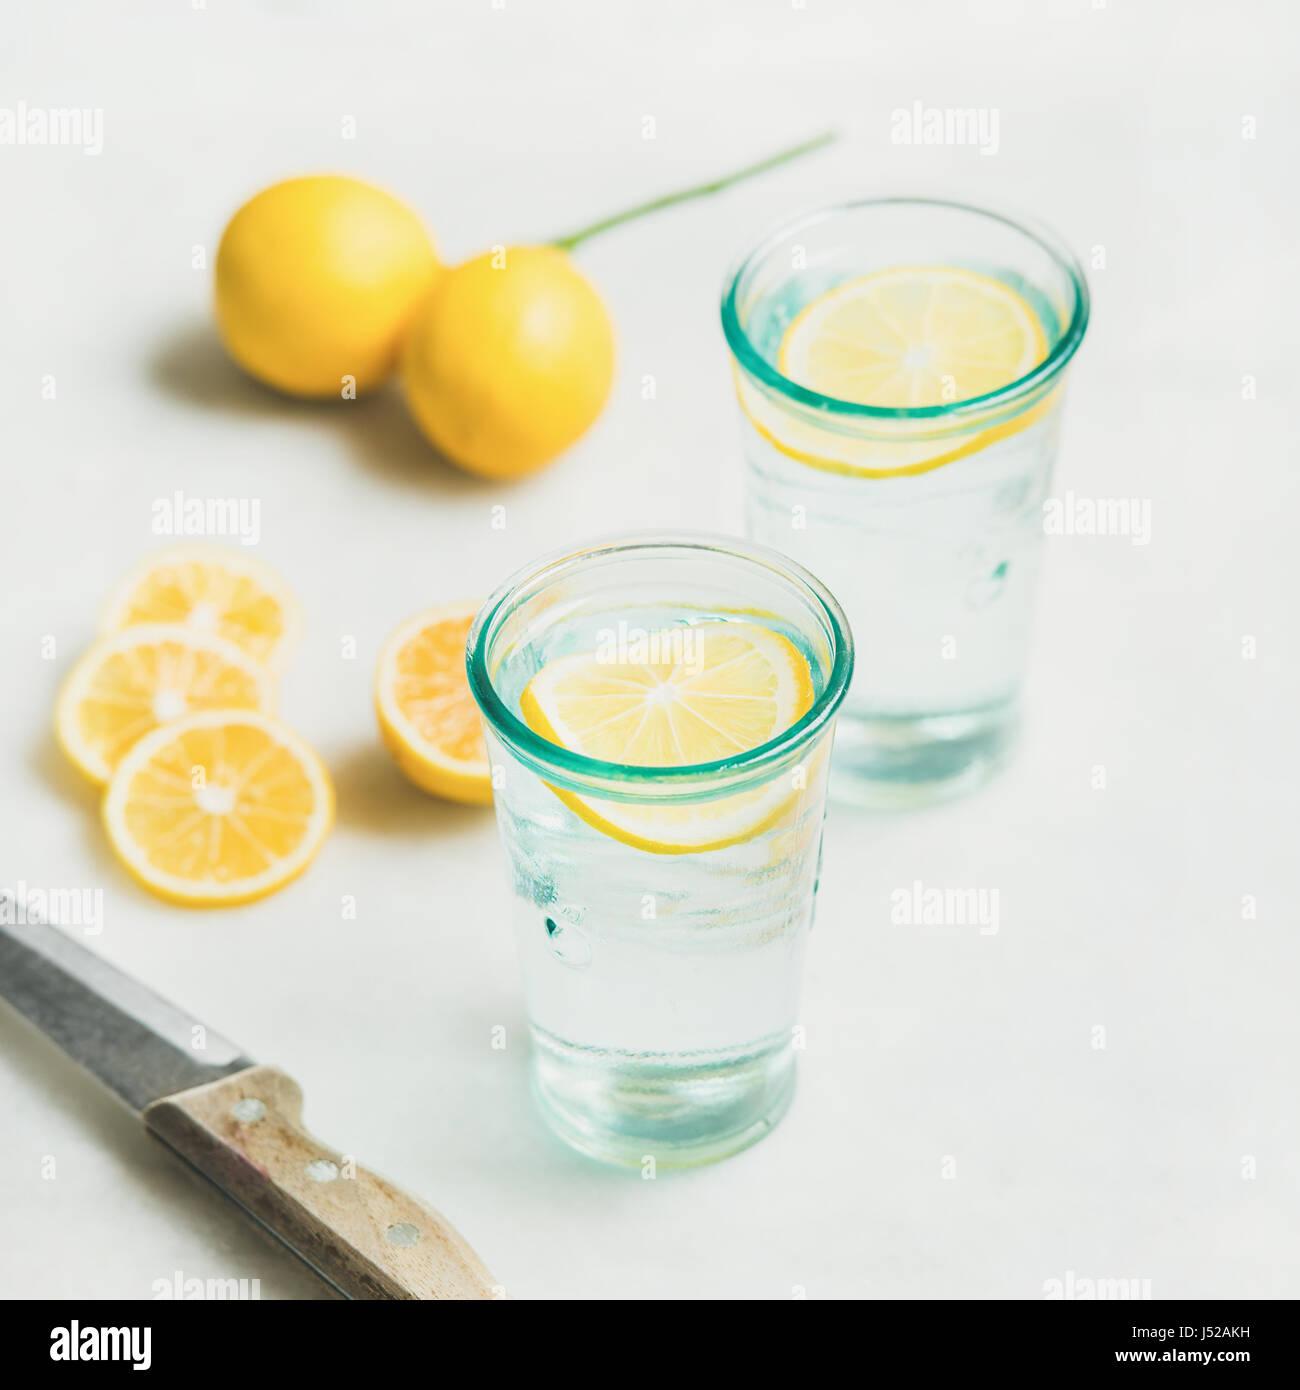 Morgen Detox Zitrone Wasser in Gläsern und frischen Zitronen über Marmor Hintergrund, Tiefenschärfe, Stockbild